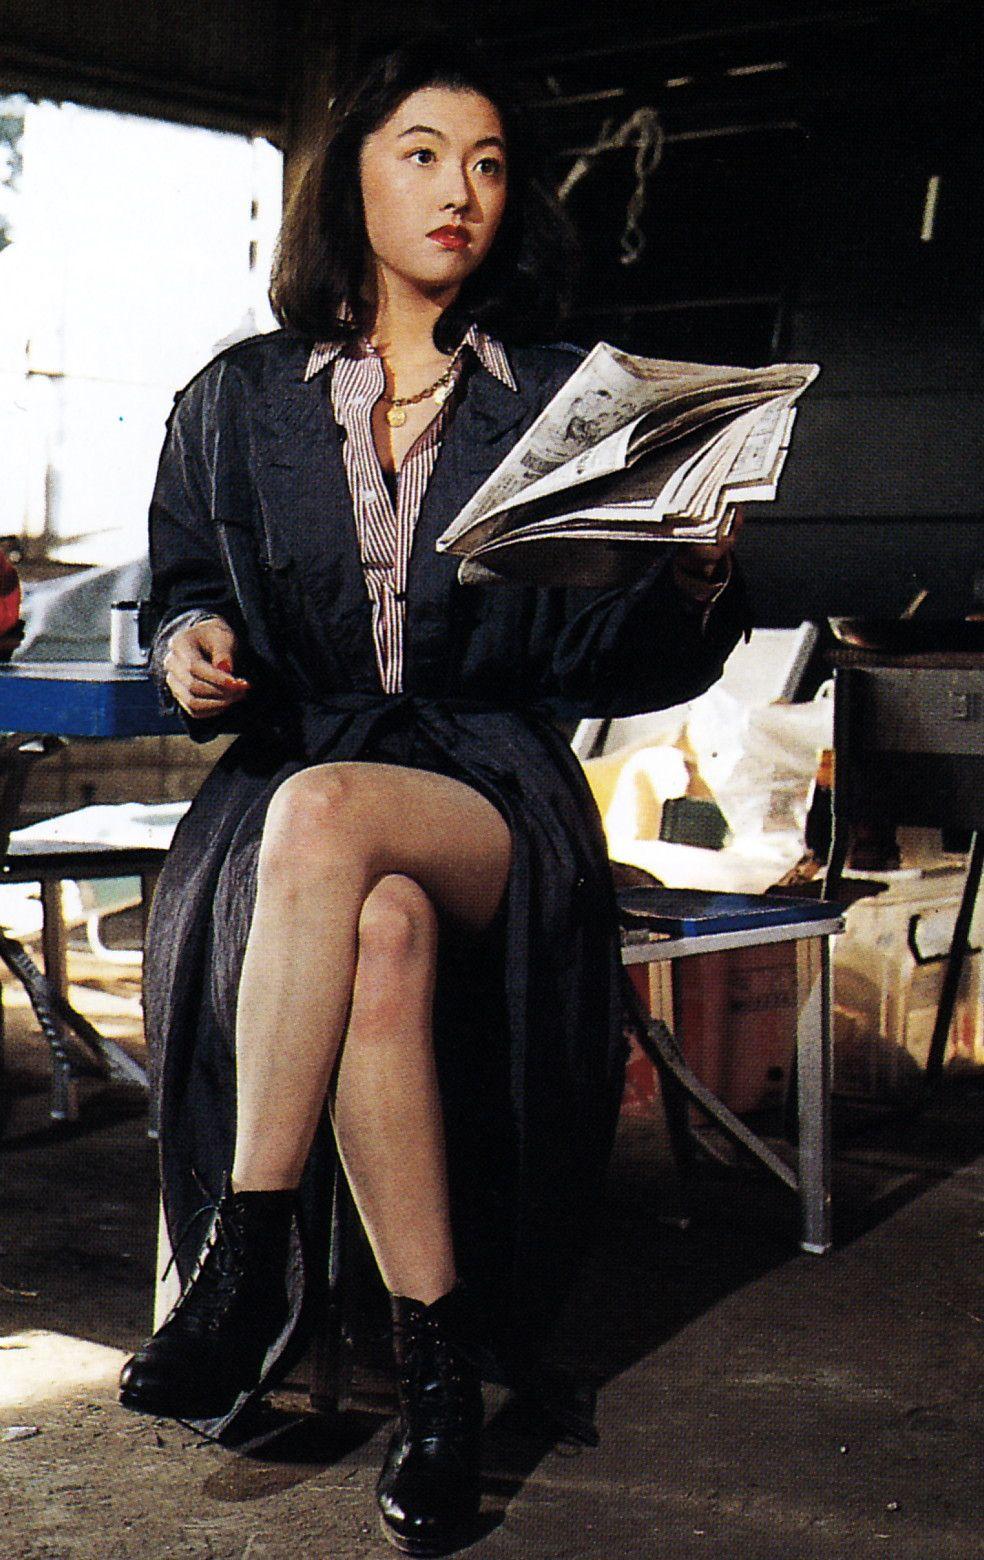 美杉沙羅 演 白鳥夕香 in ブルースワット 1994年 1995年 ブルース 美杉 特撮ヒロイン